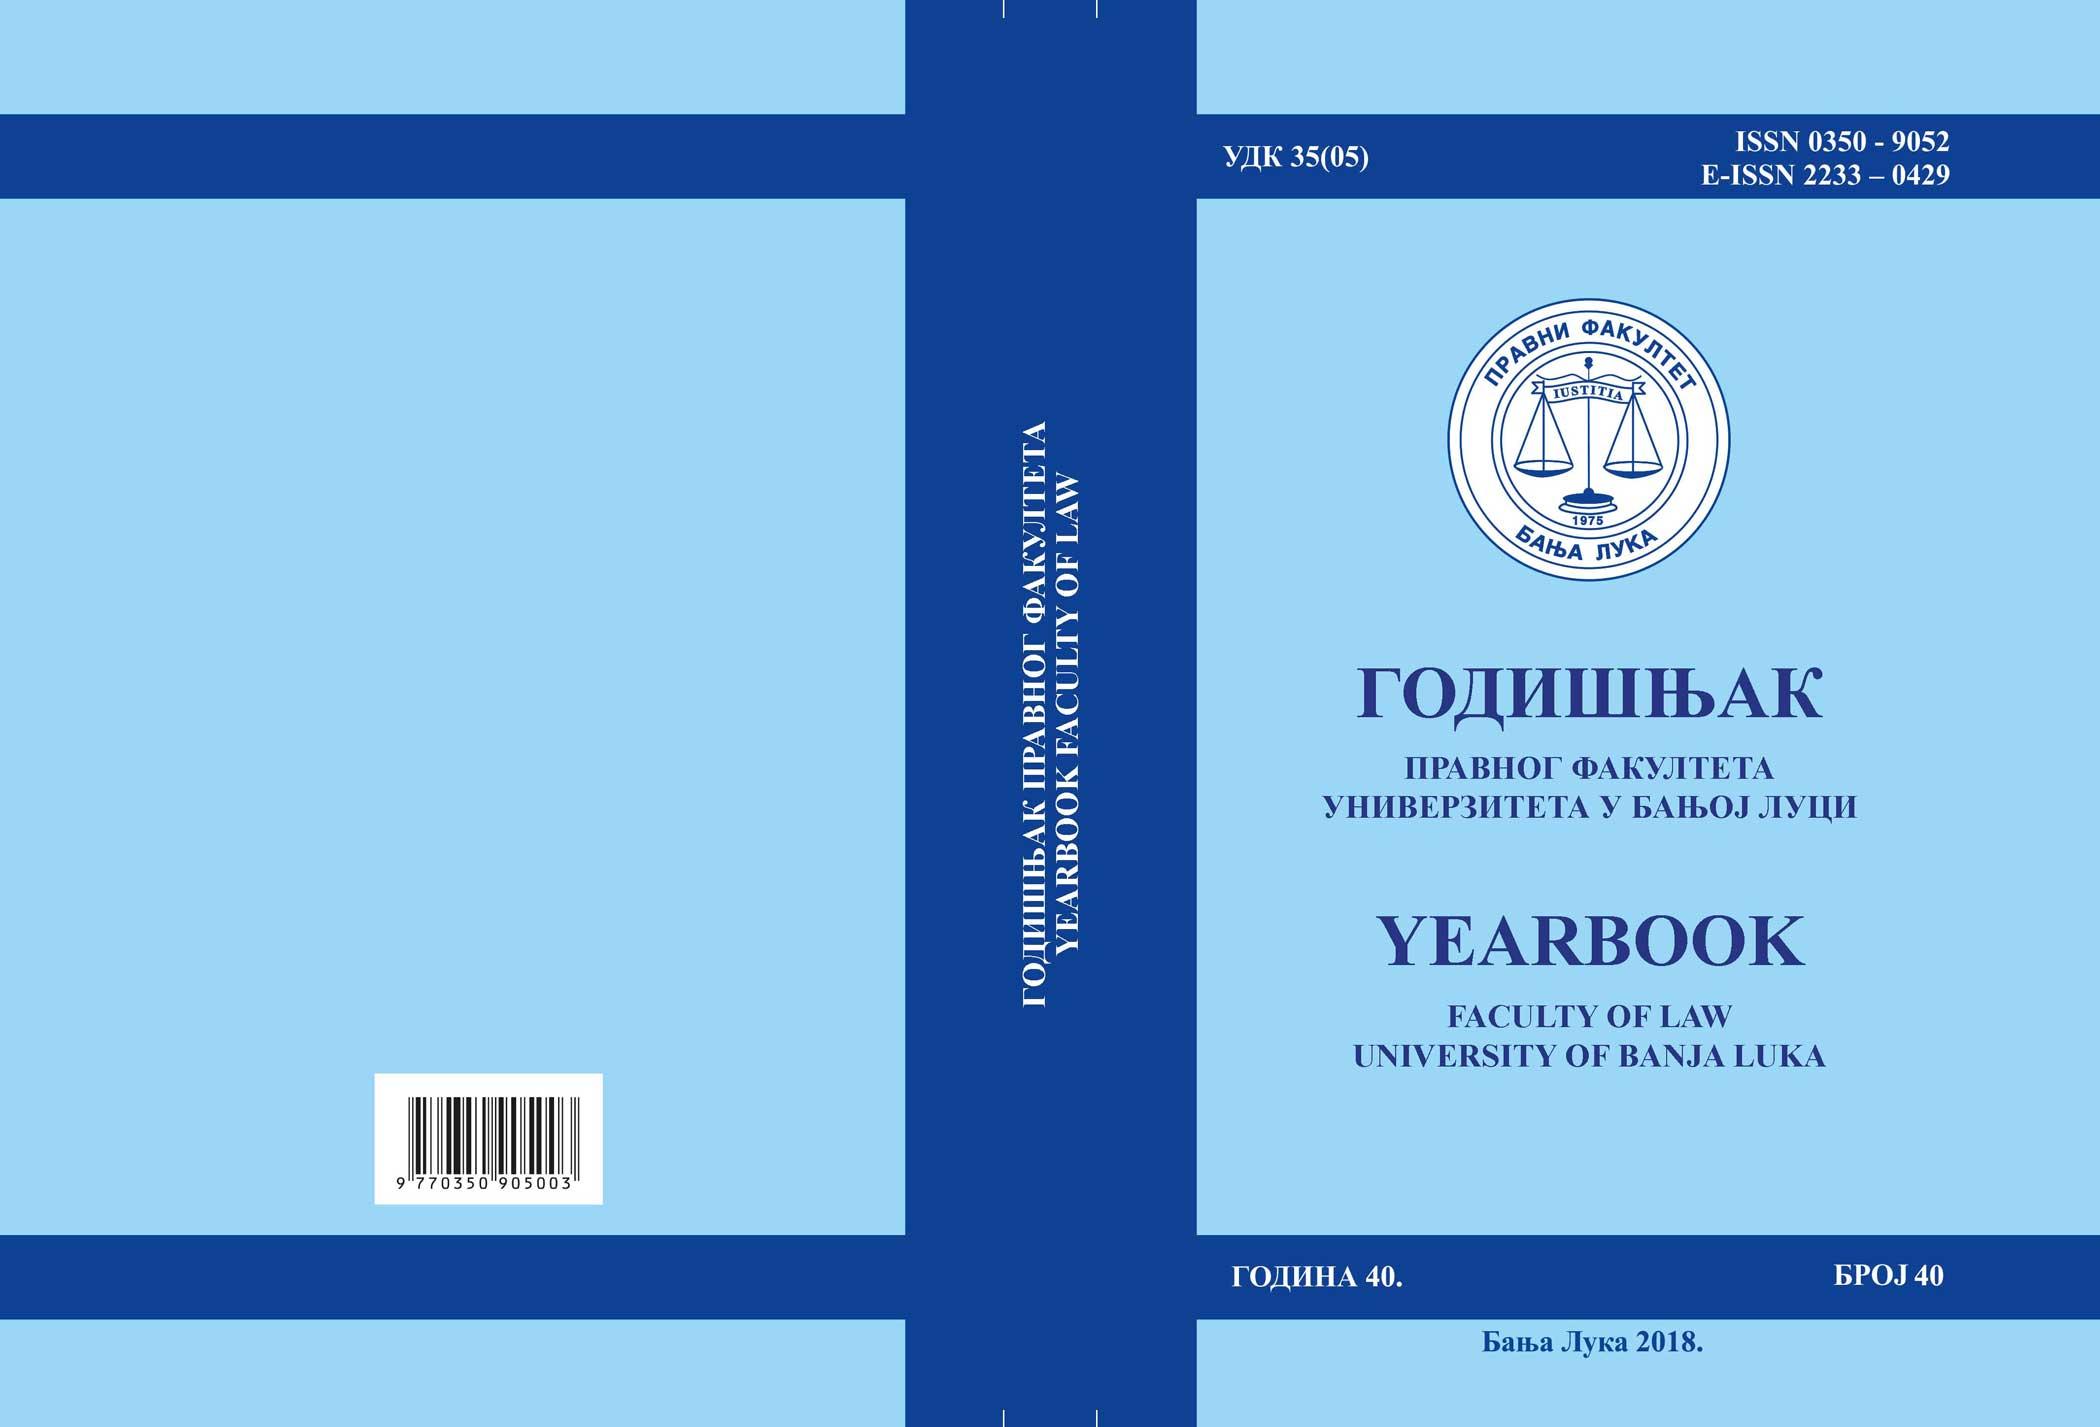 """Нови број часописа """"Годишњак"""""""